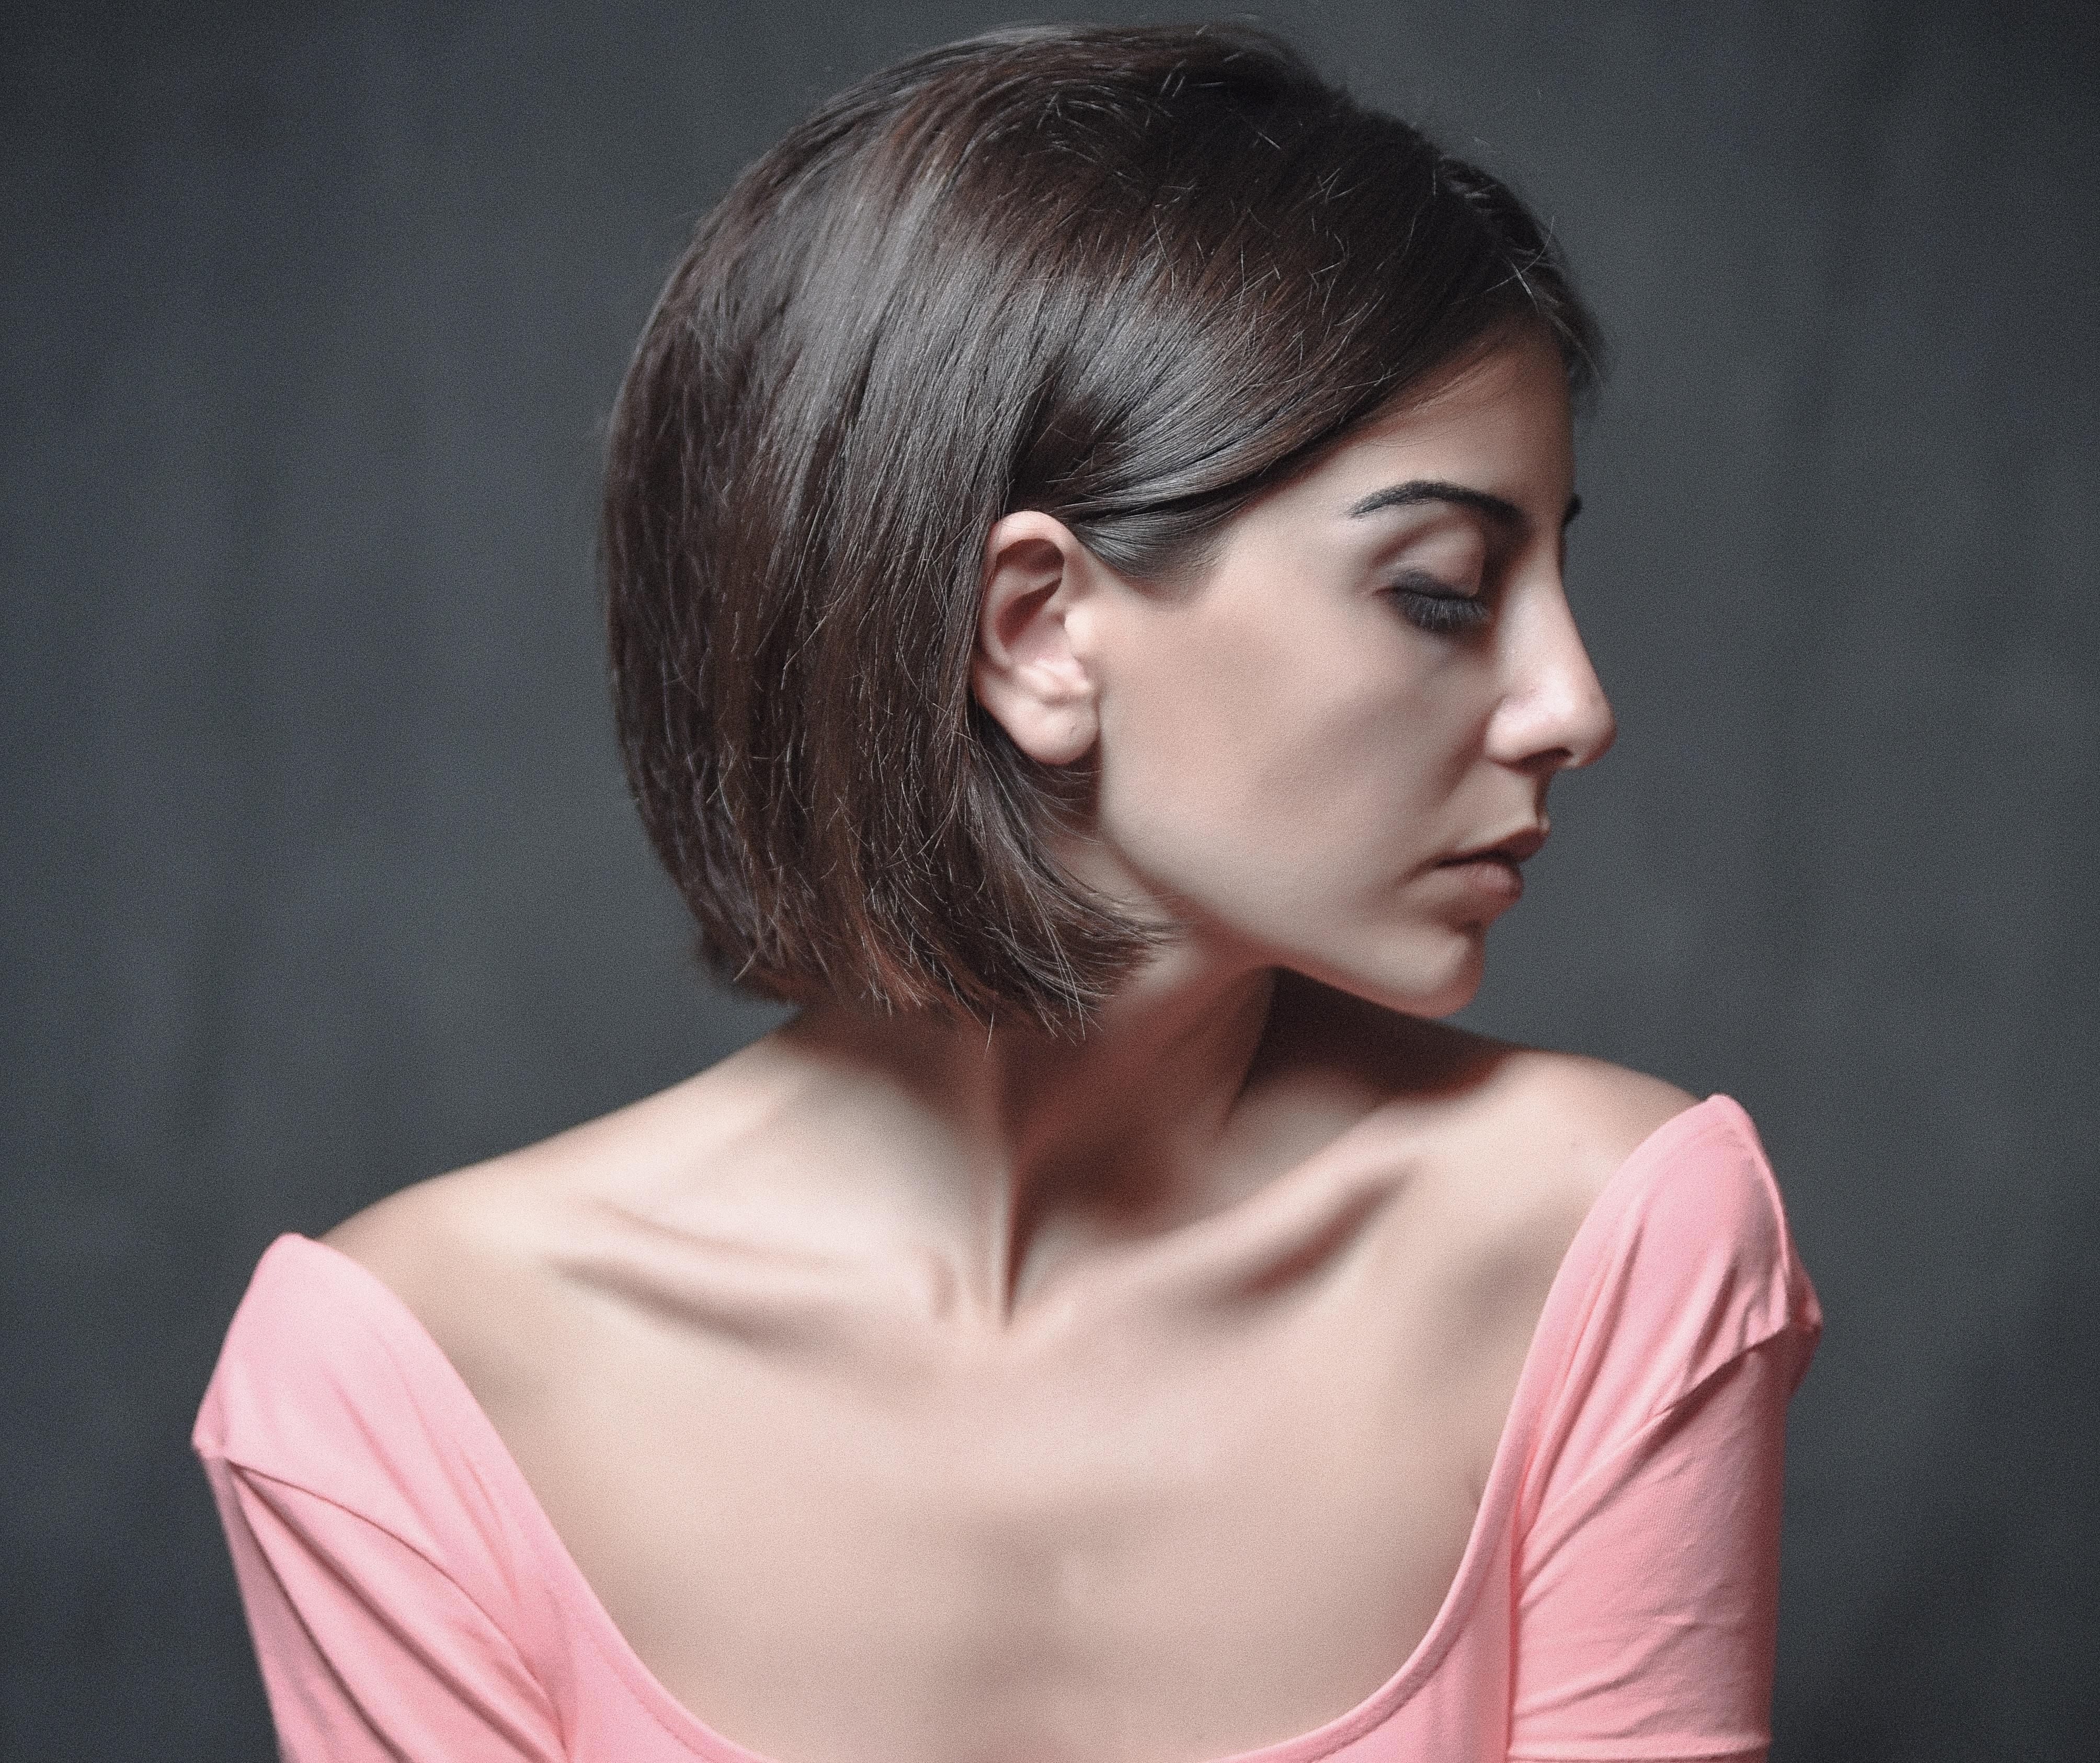 Kostenlose Foto Mädchen Sänger Porträt Modell Nikon